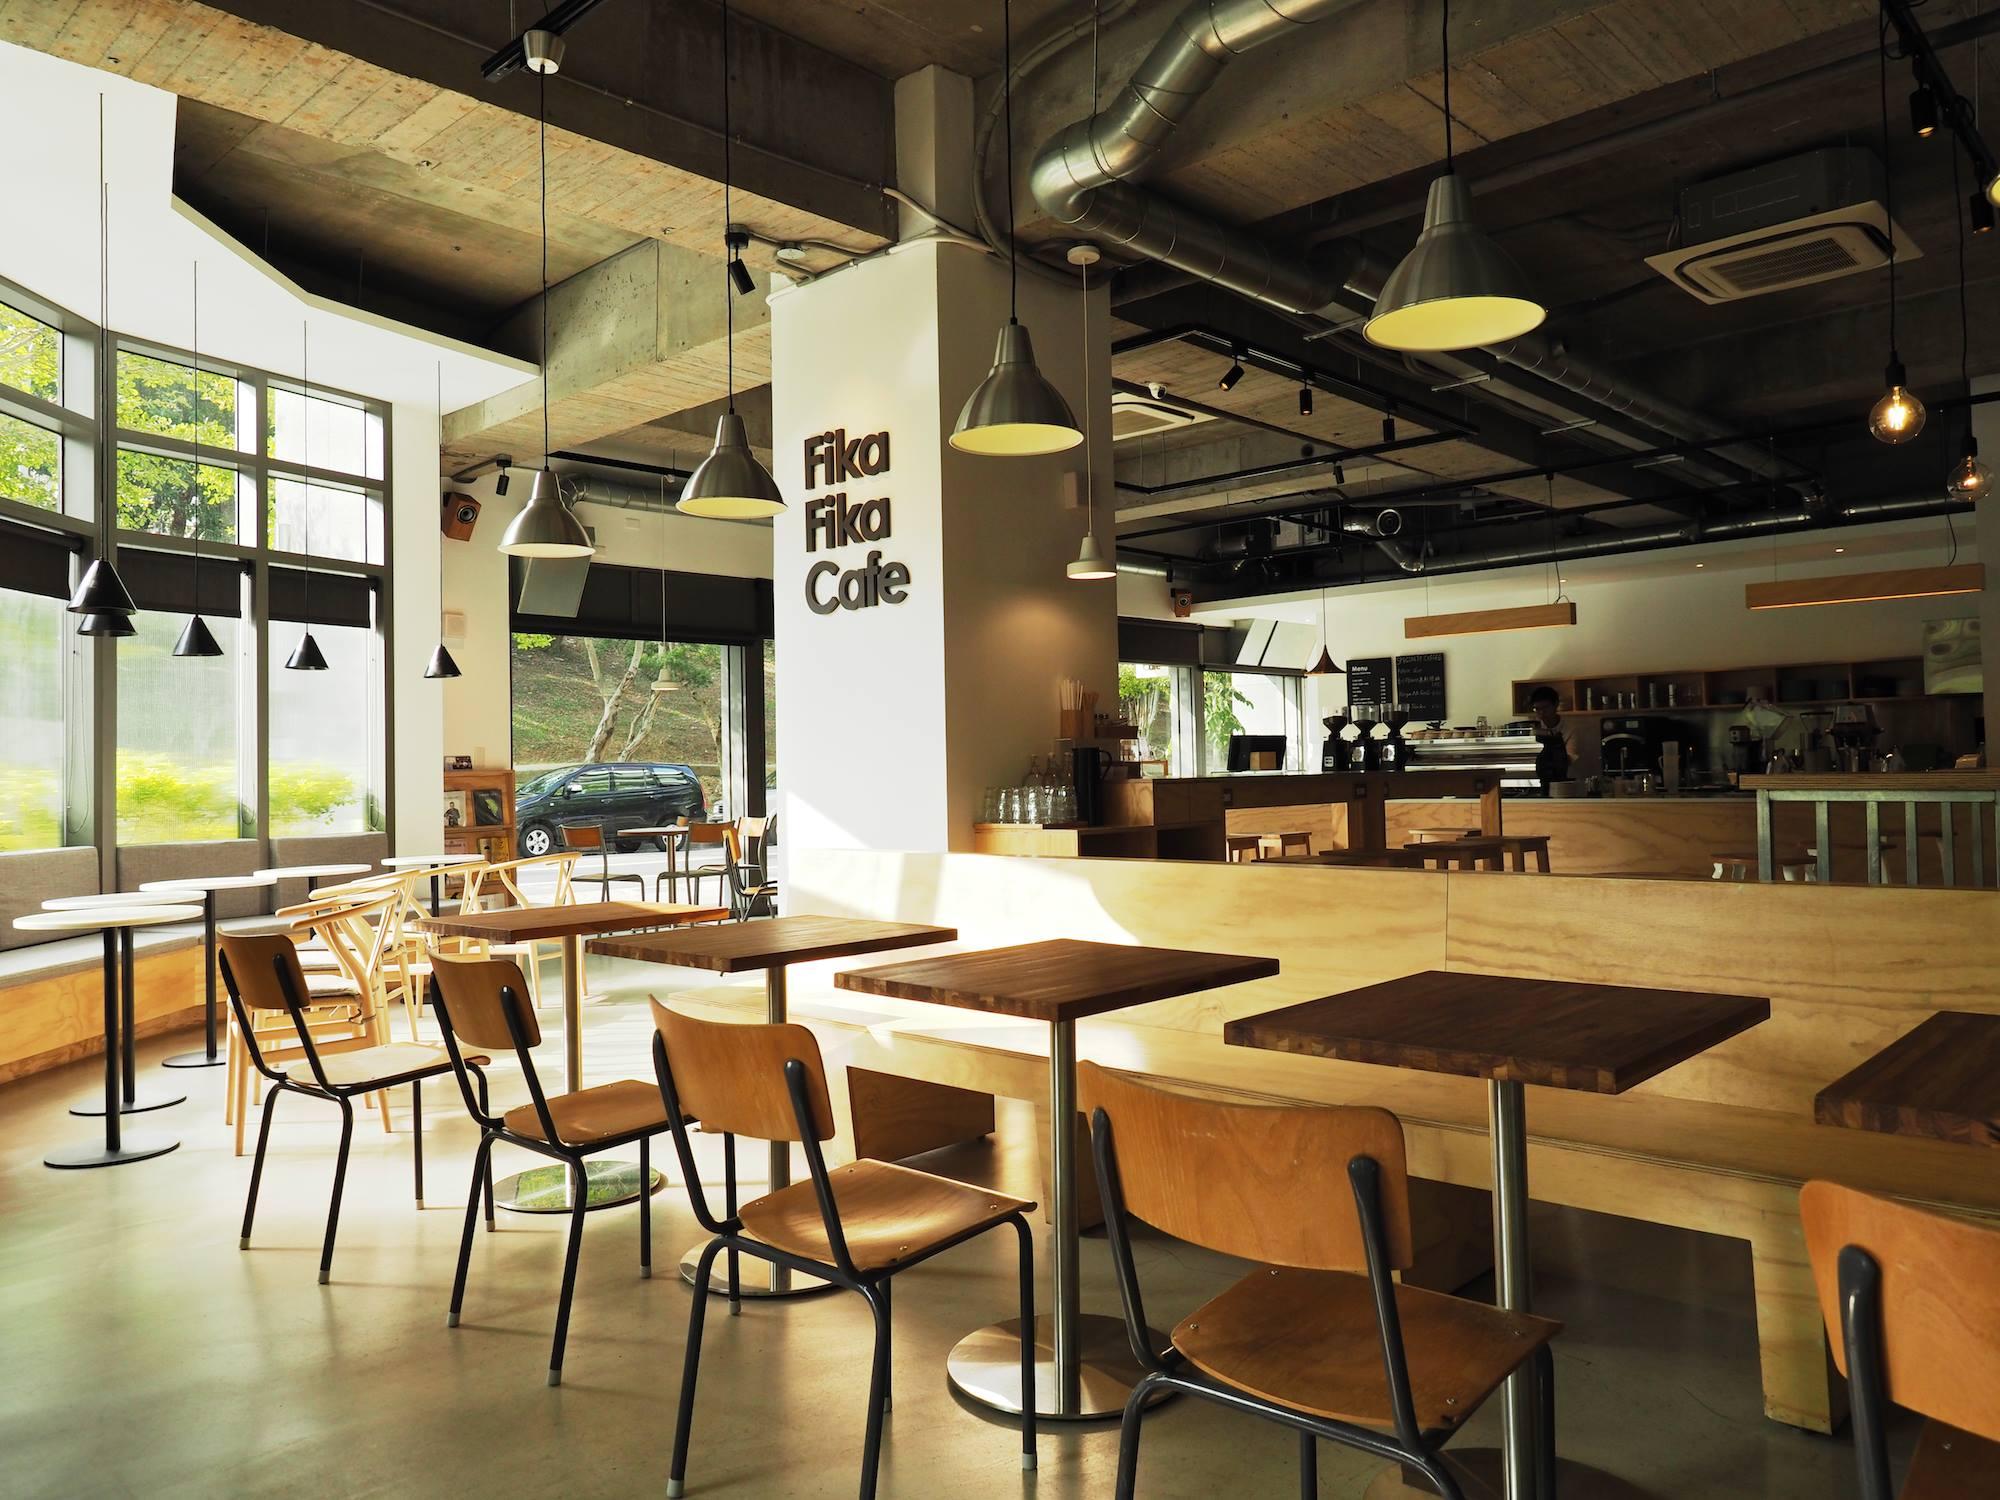 韓懷宗 品味咖啡 - 安可人生雜誌